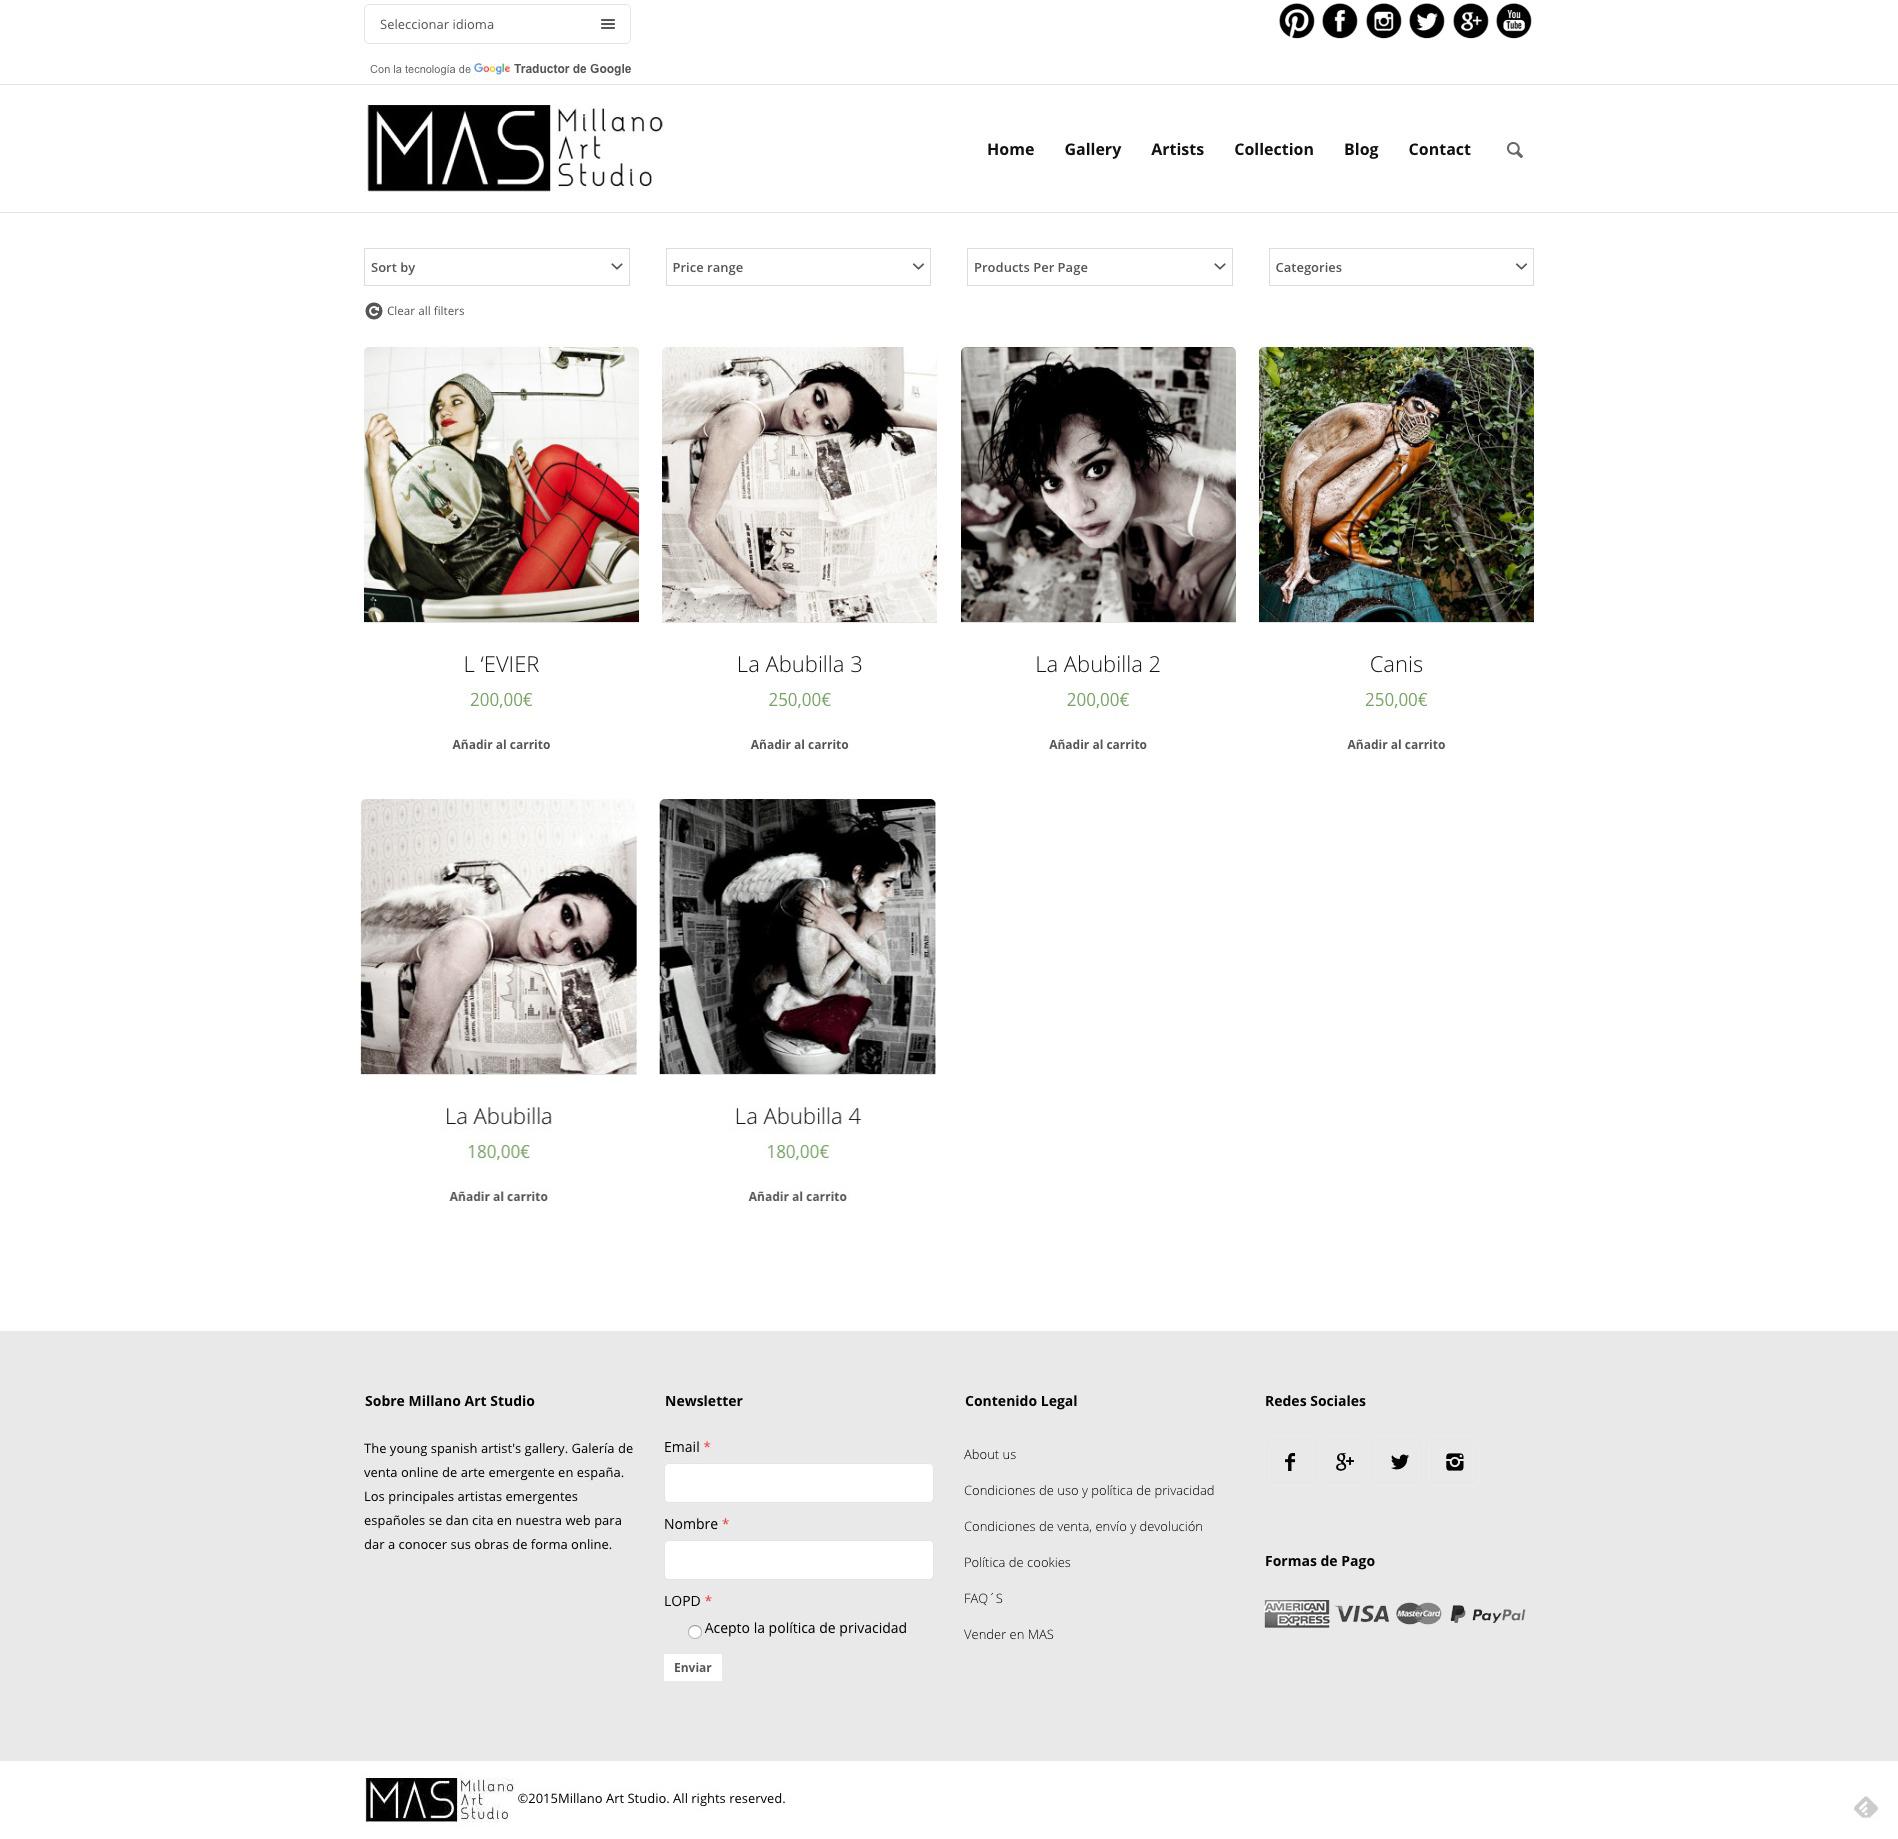 Obras de arte de la web de Millano Art Studio